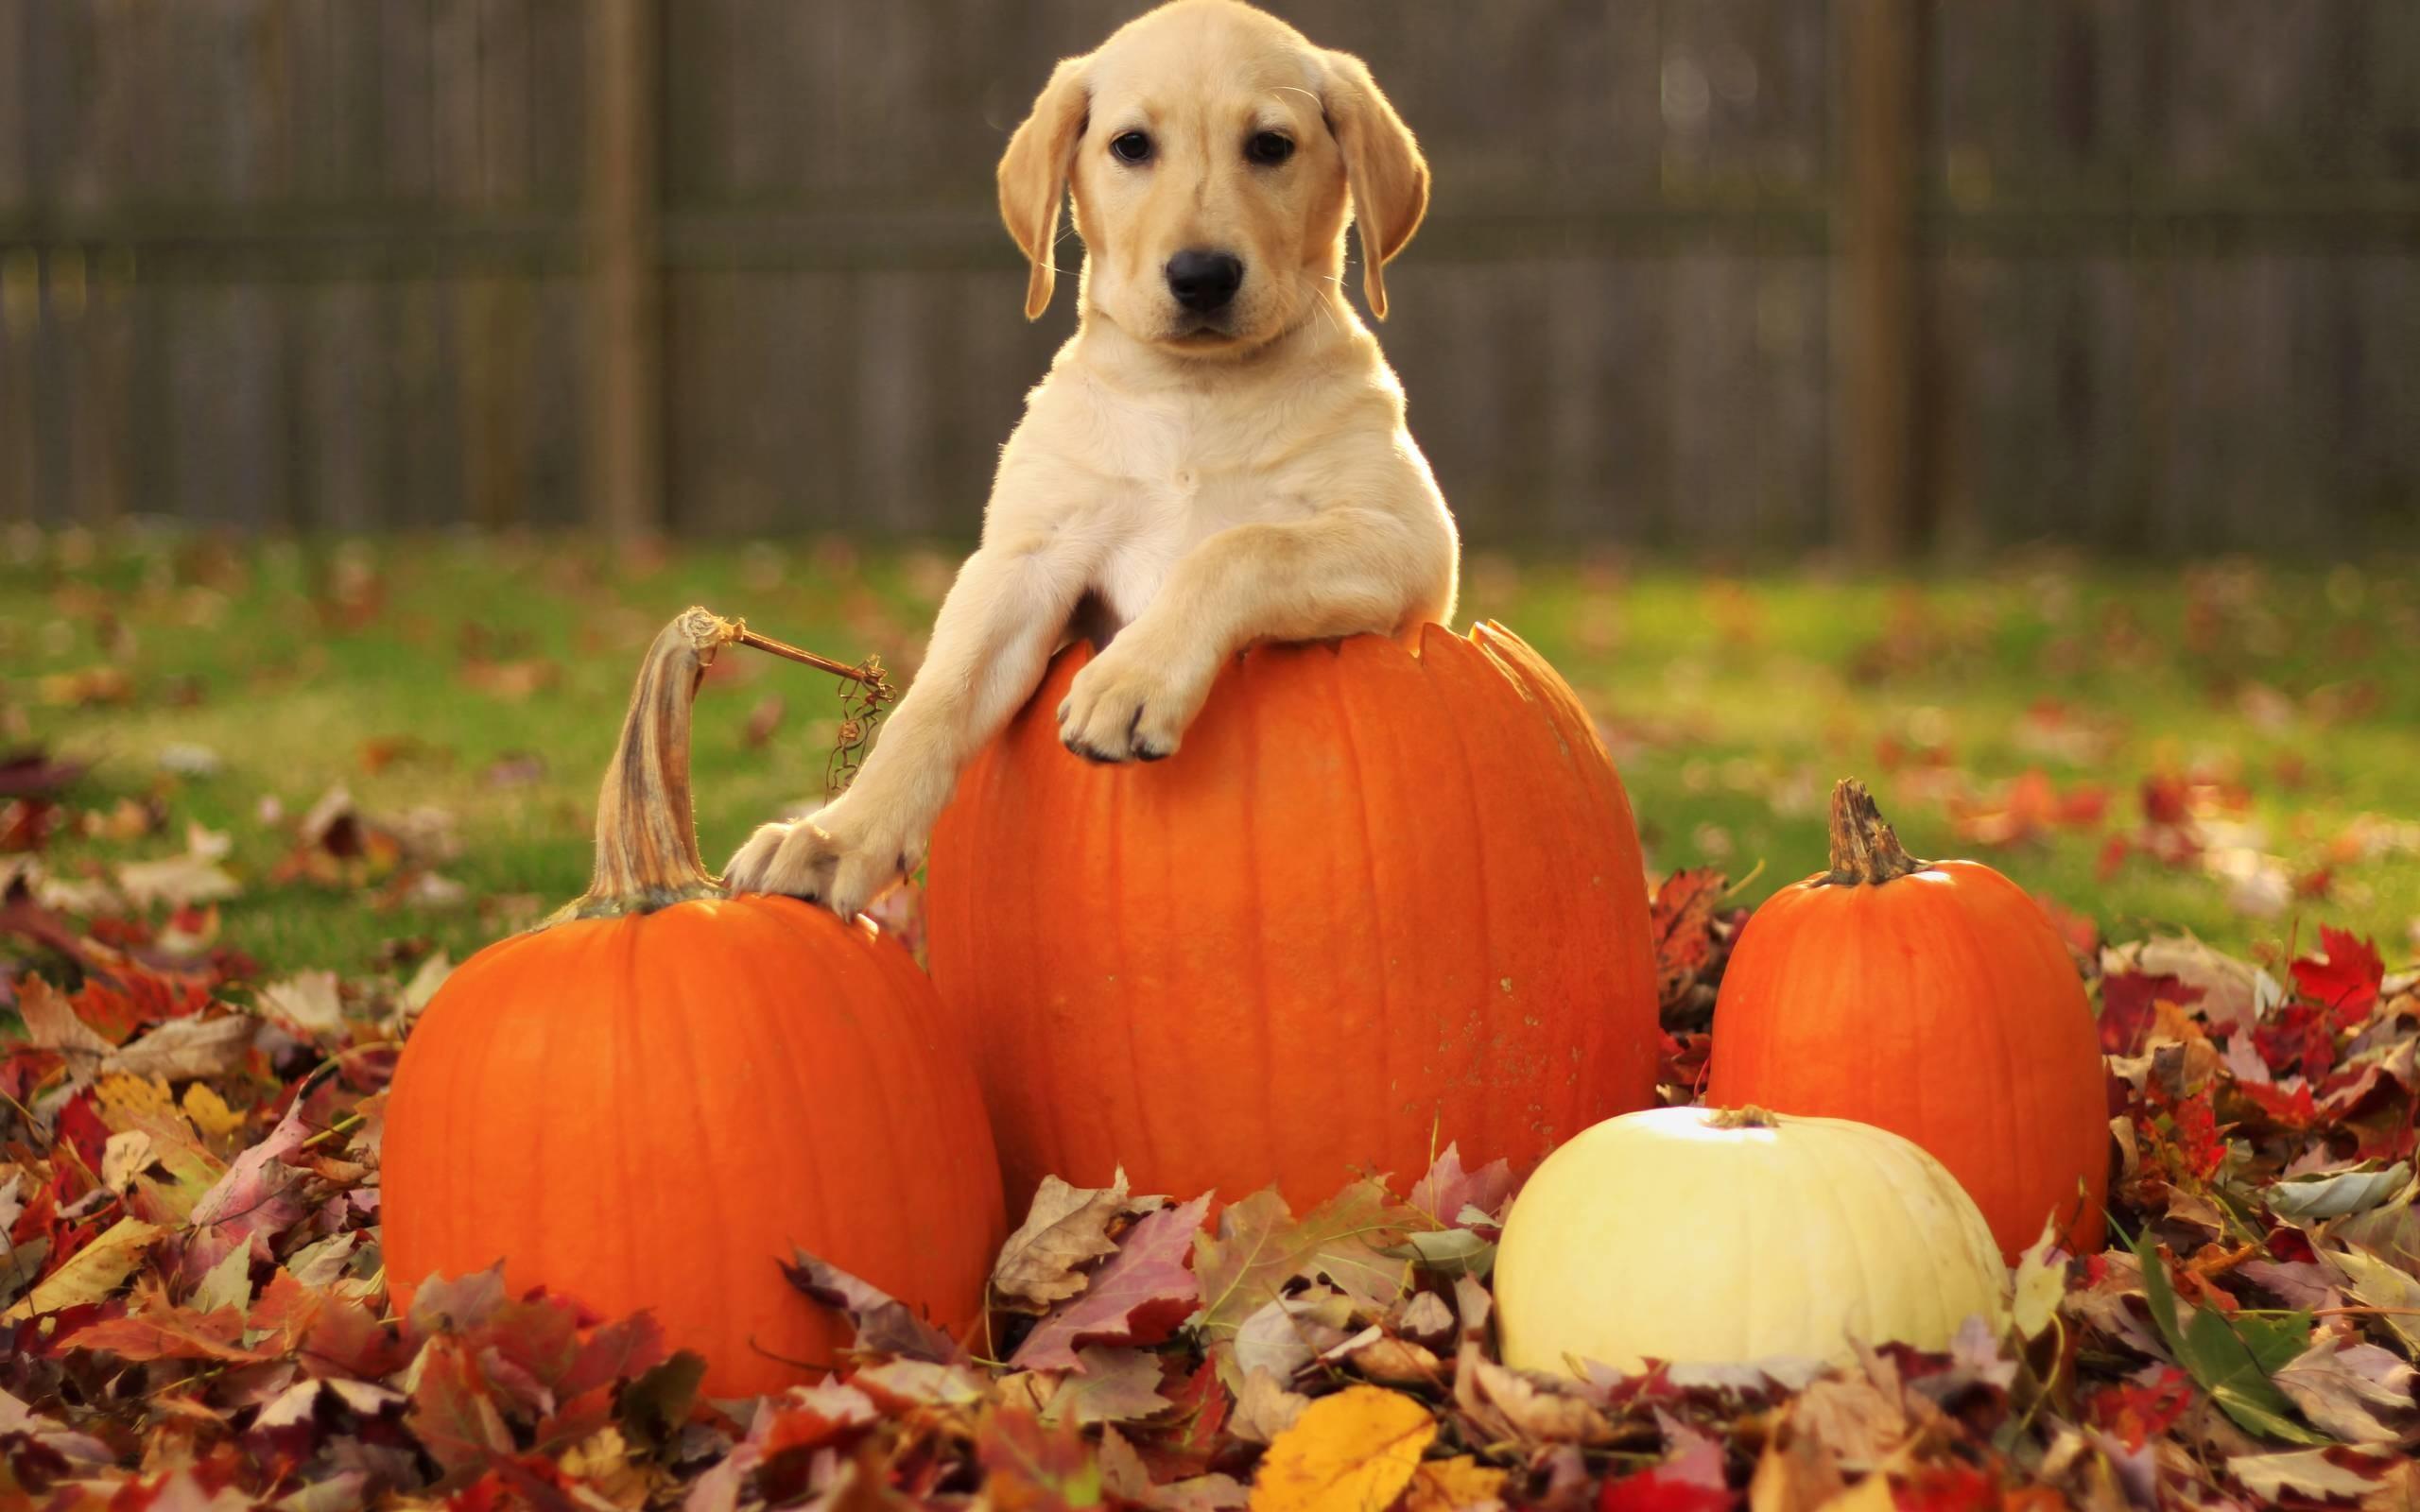 Wallpapers For > Fall Pumpkin Desktop Background